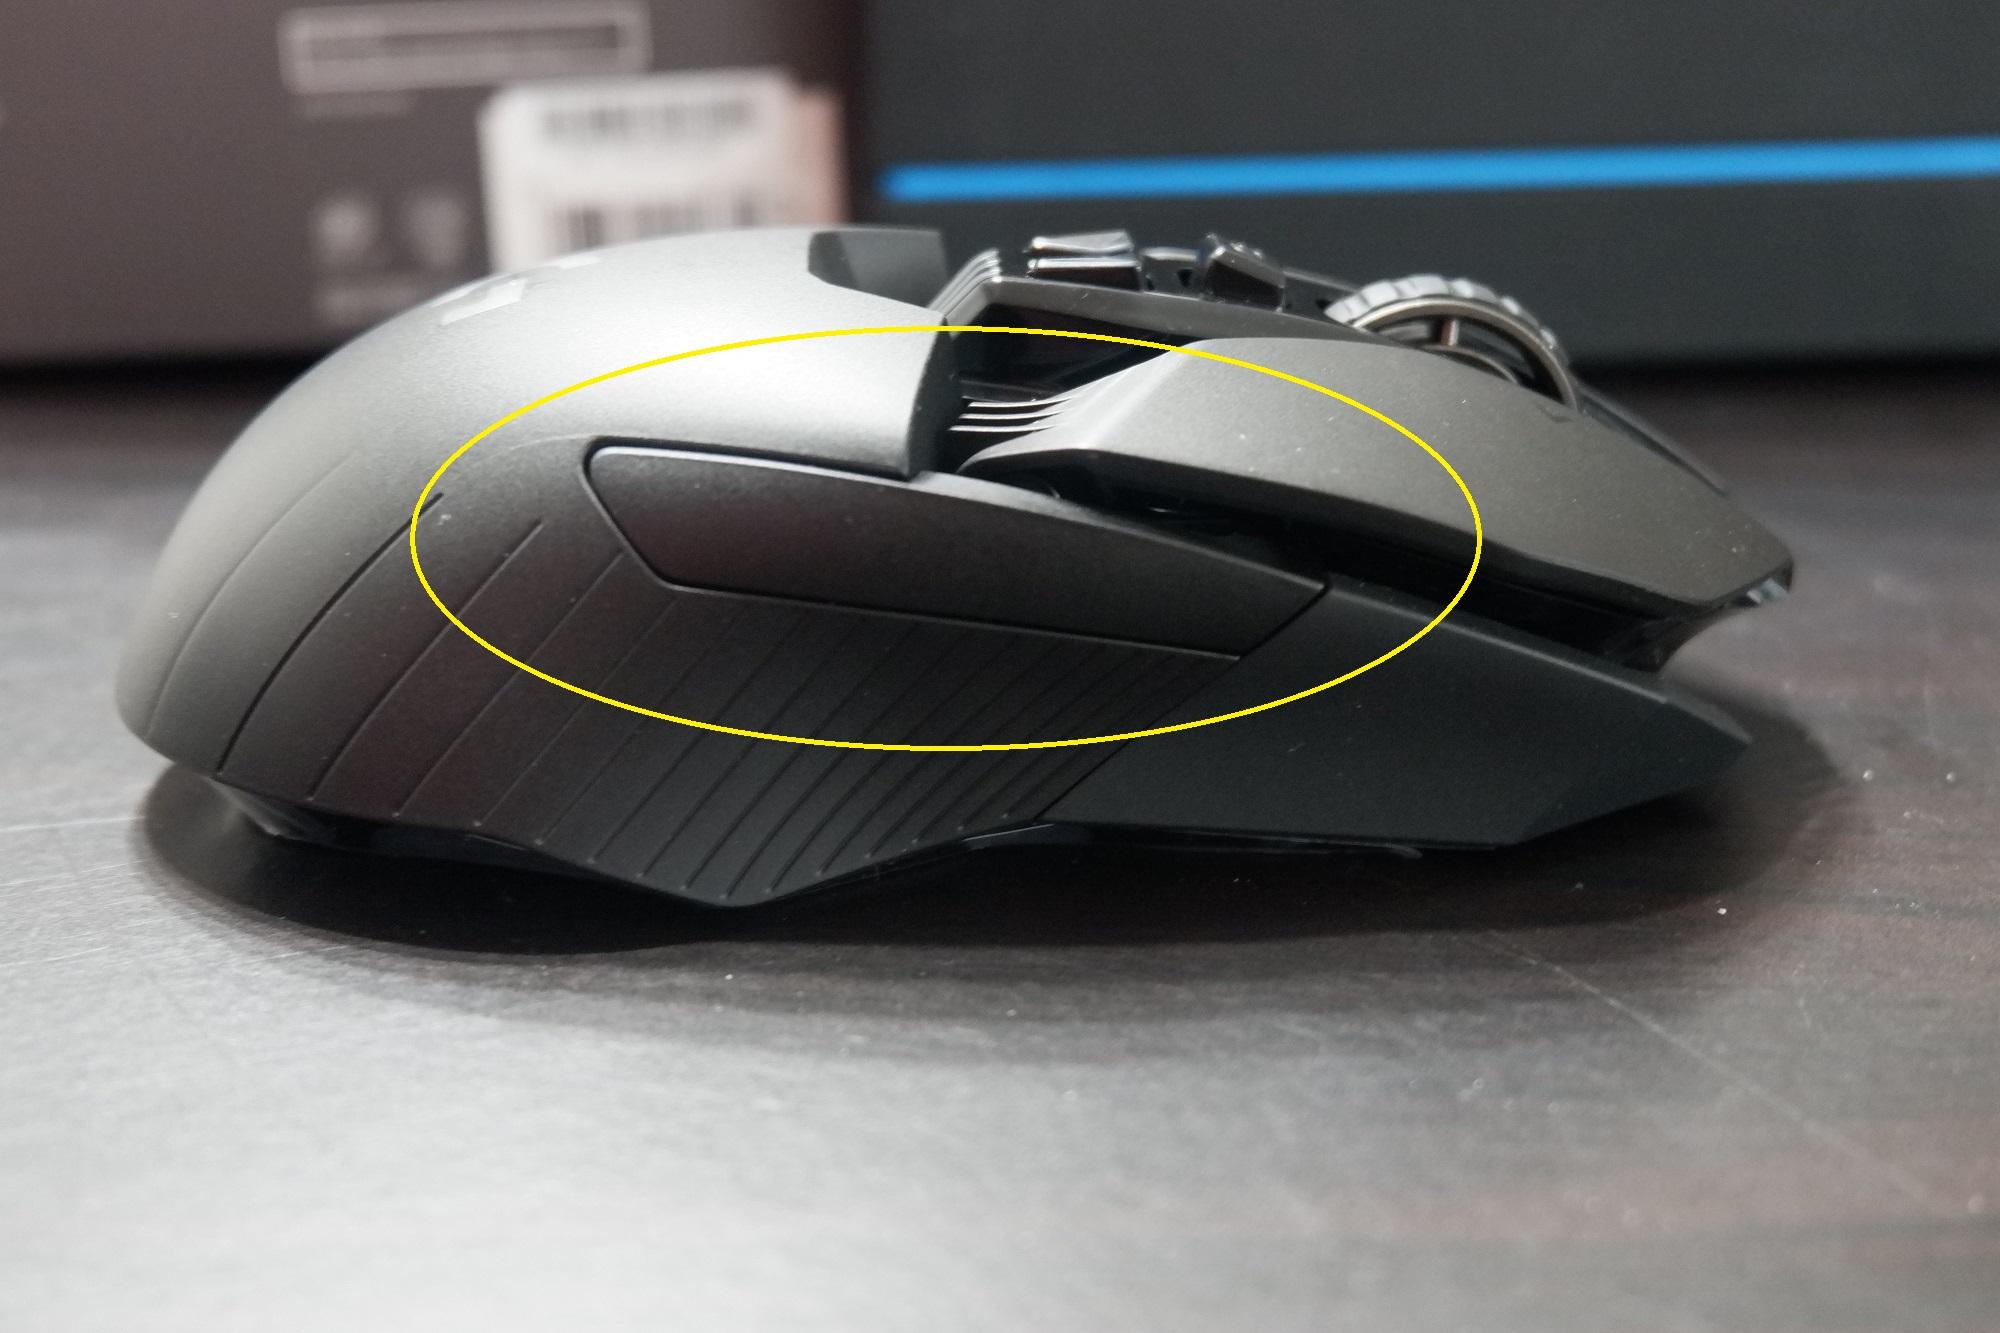 G903 - 右側面